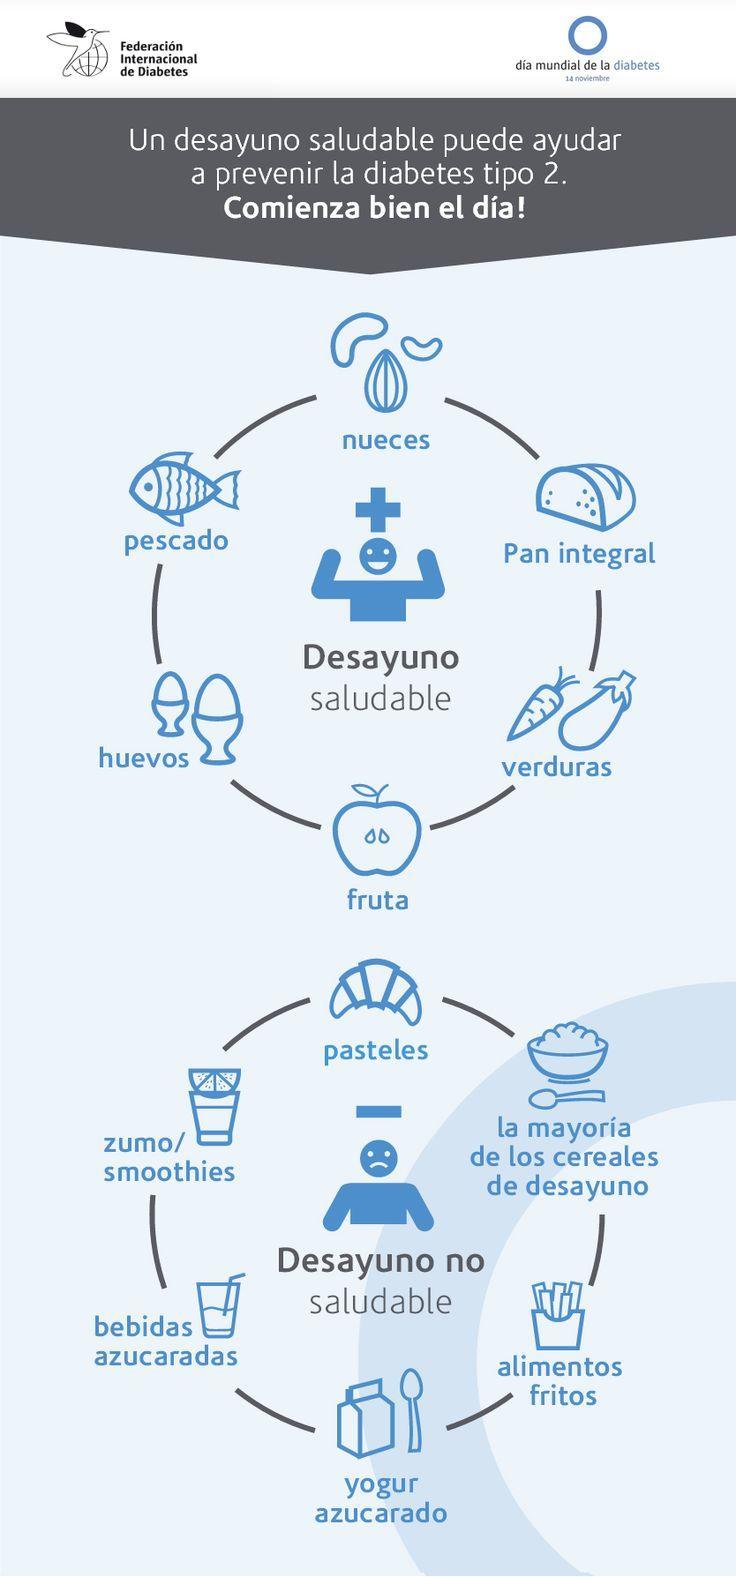 """Desayuno saludable - Diabetes tipo 2  Día Mundial de la Diabetes: """"Vida saludable y diabetes. Protejamos nuestro futuro. Una alimentación saludable comienza con el desayuno. #DiaMundialDiabetes #consejosdefarmacia http://www.consejosdefarmacia.com/2014/11/dia-mundial-de-la-diabetes-2014.html #farmacia #diabetes #desayunosaludable #habitosSaludables"""